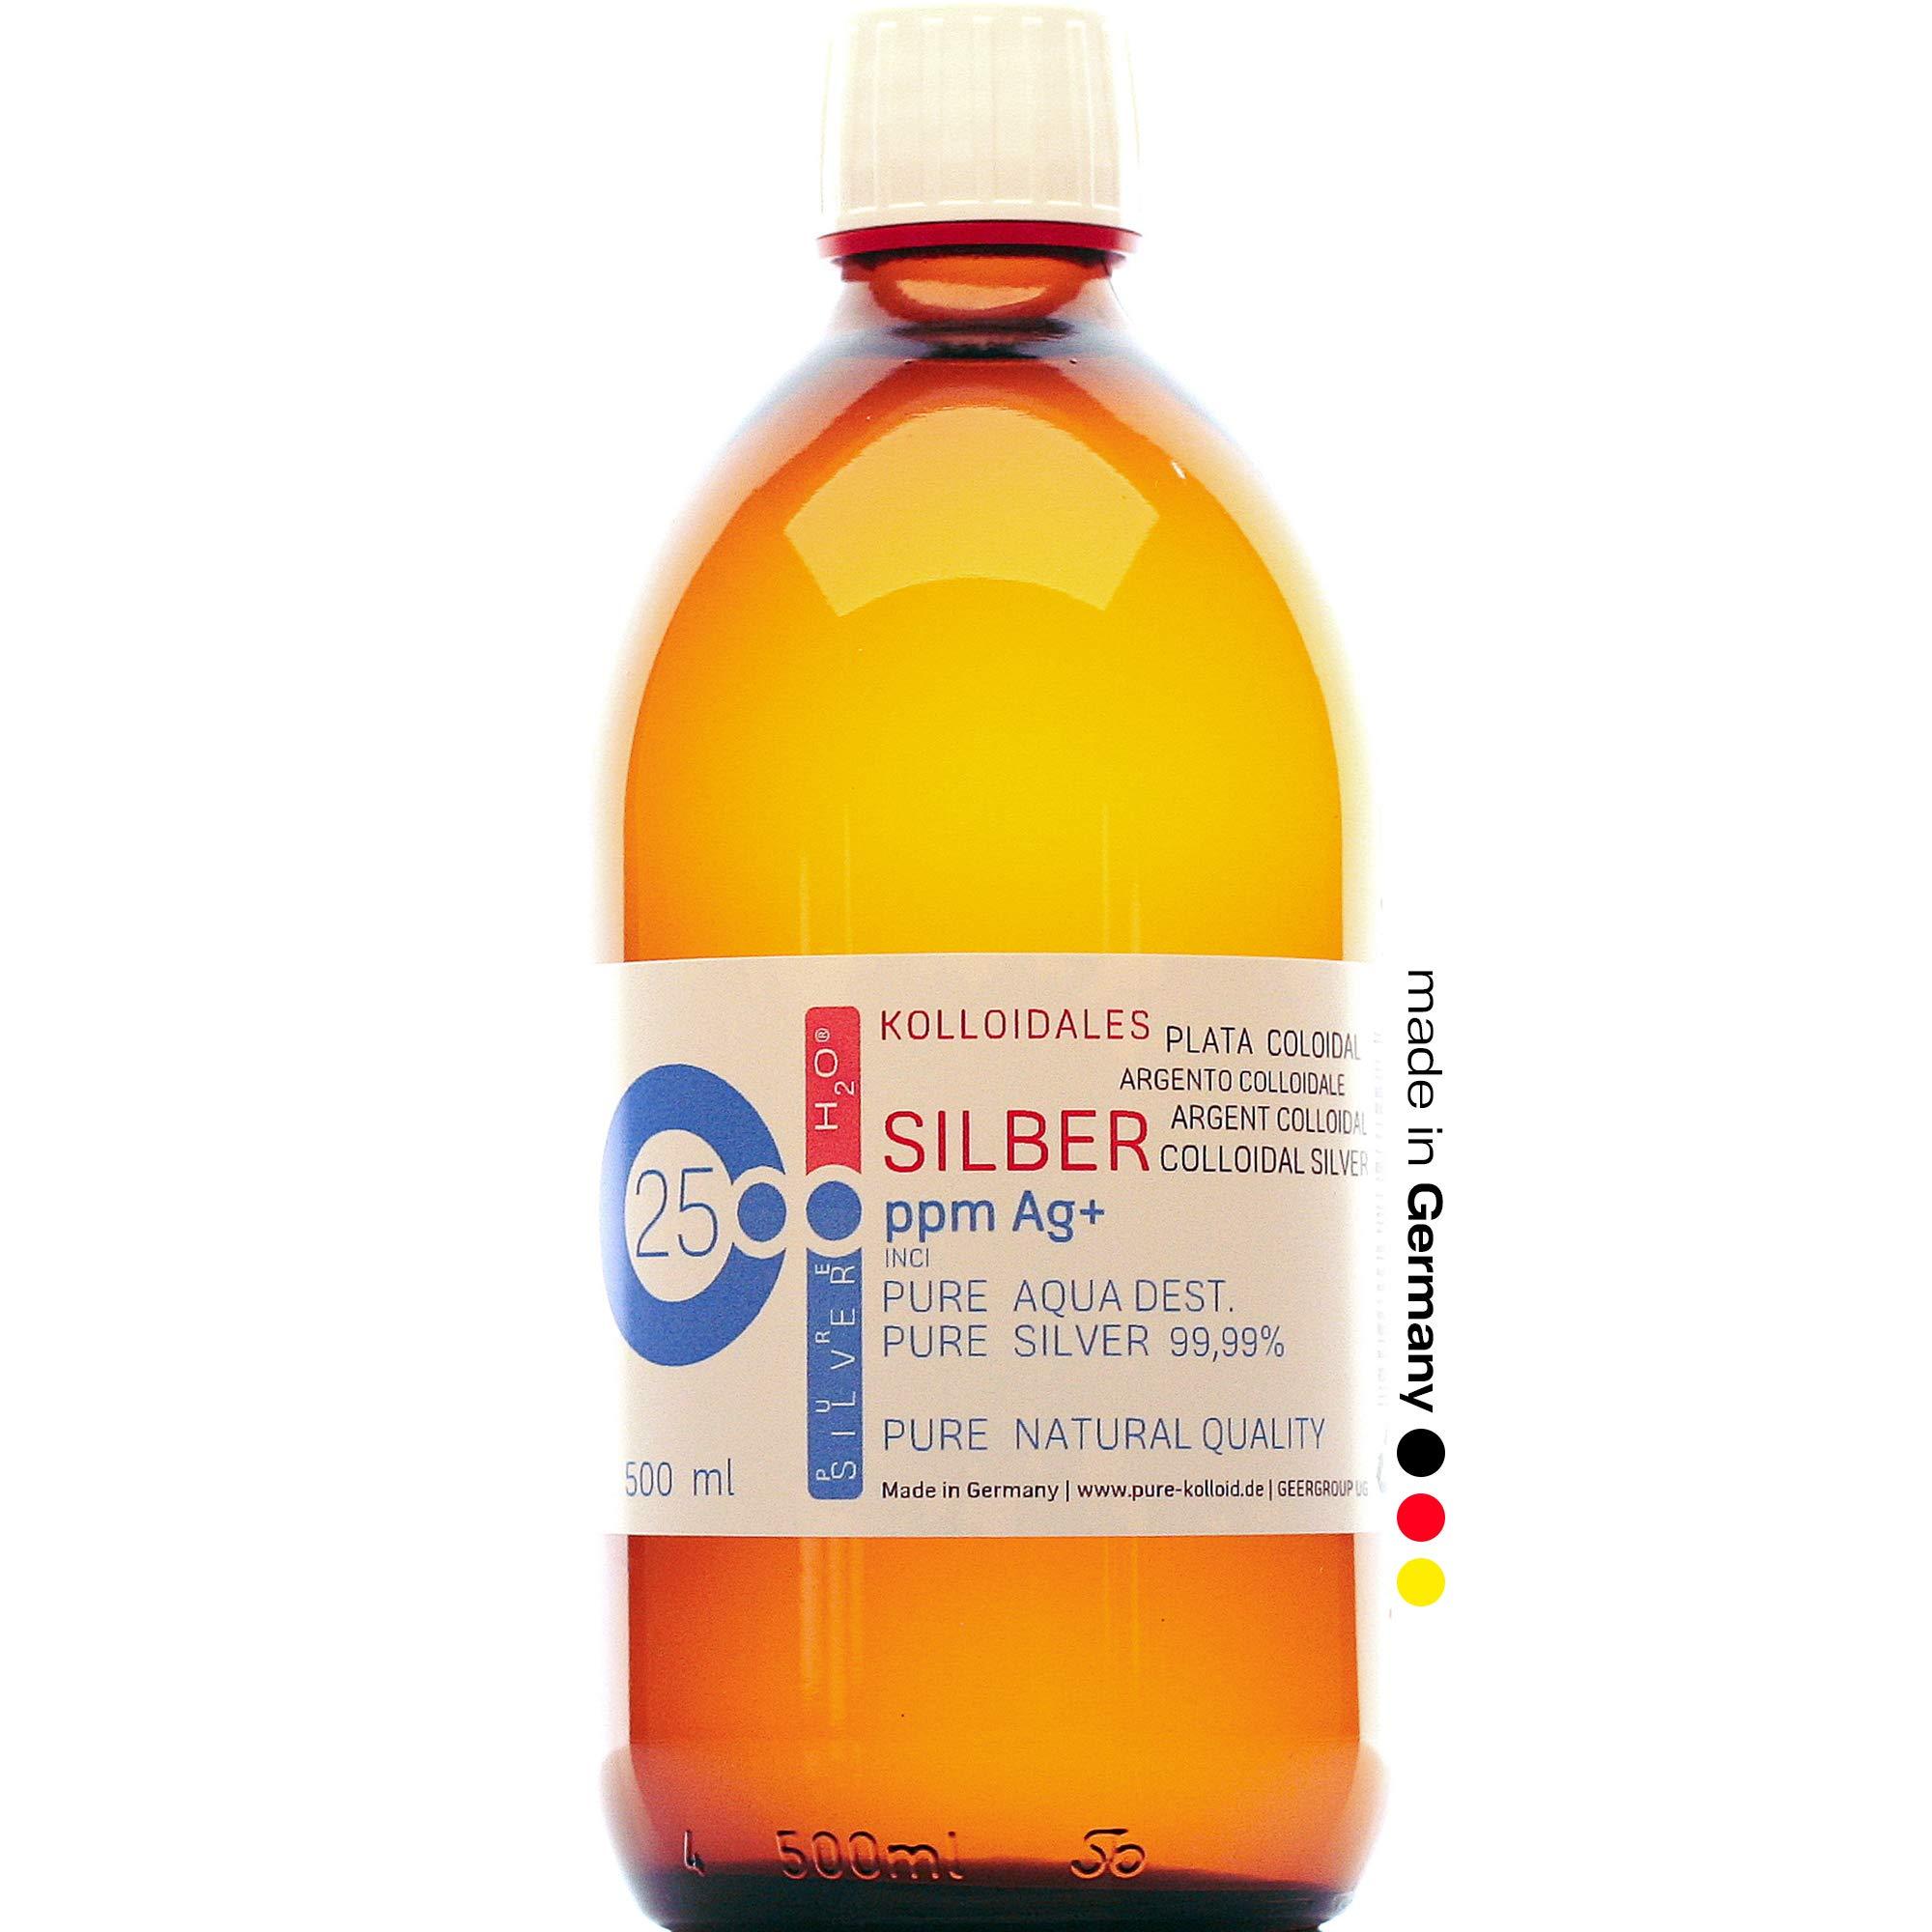 500ml Plata coloidal PureSilverH2O - Botella 500ml/25ppm Plata coloidal - 99,99% de plata pura - la mejor calidad - Made in Germany: Amazon.es: Hogar